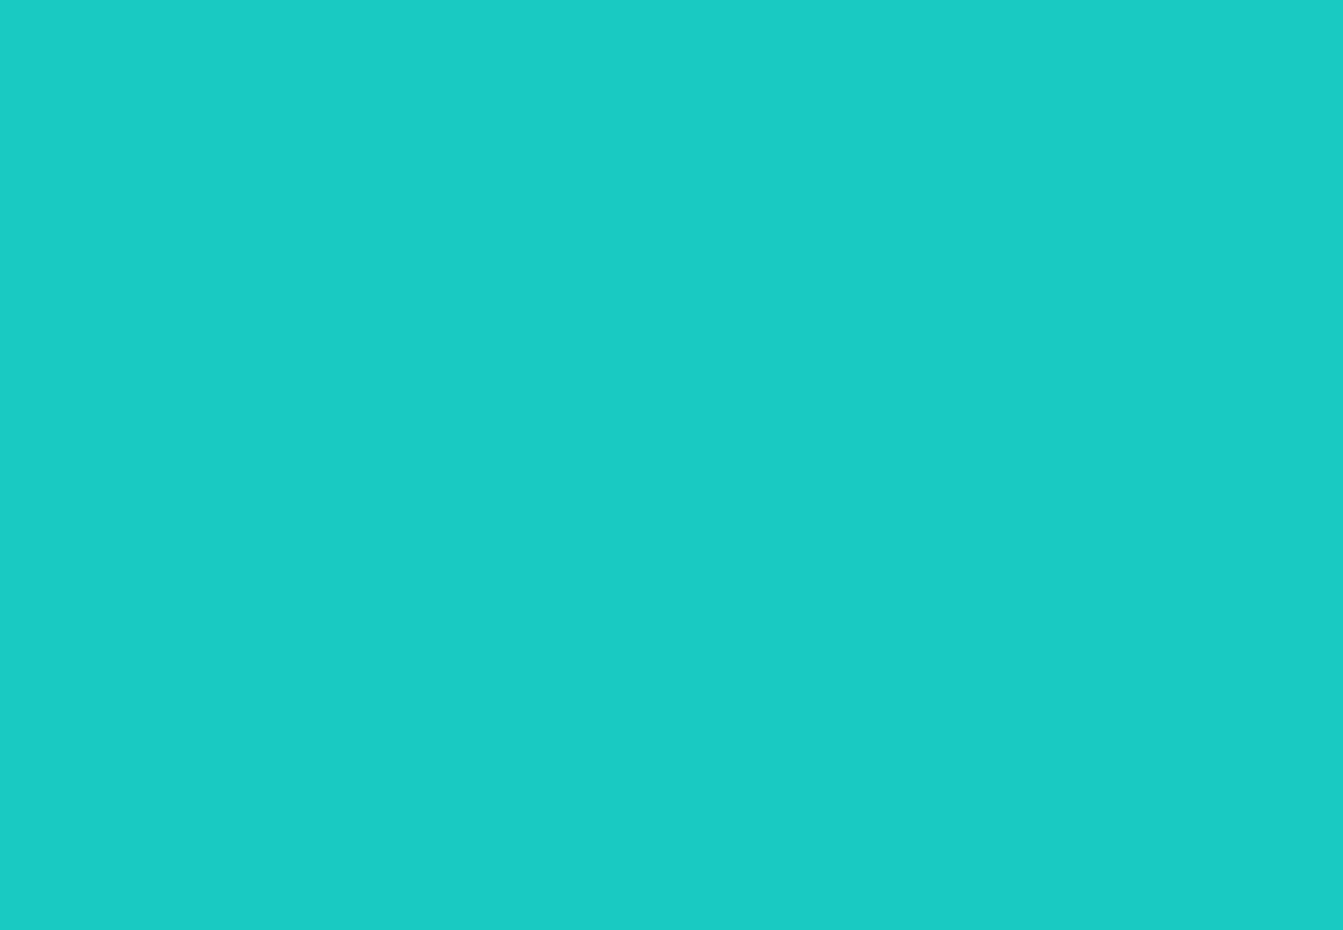 slide-bar02_1